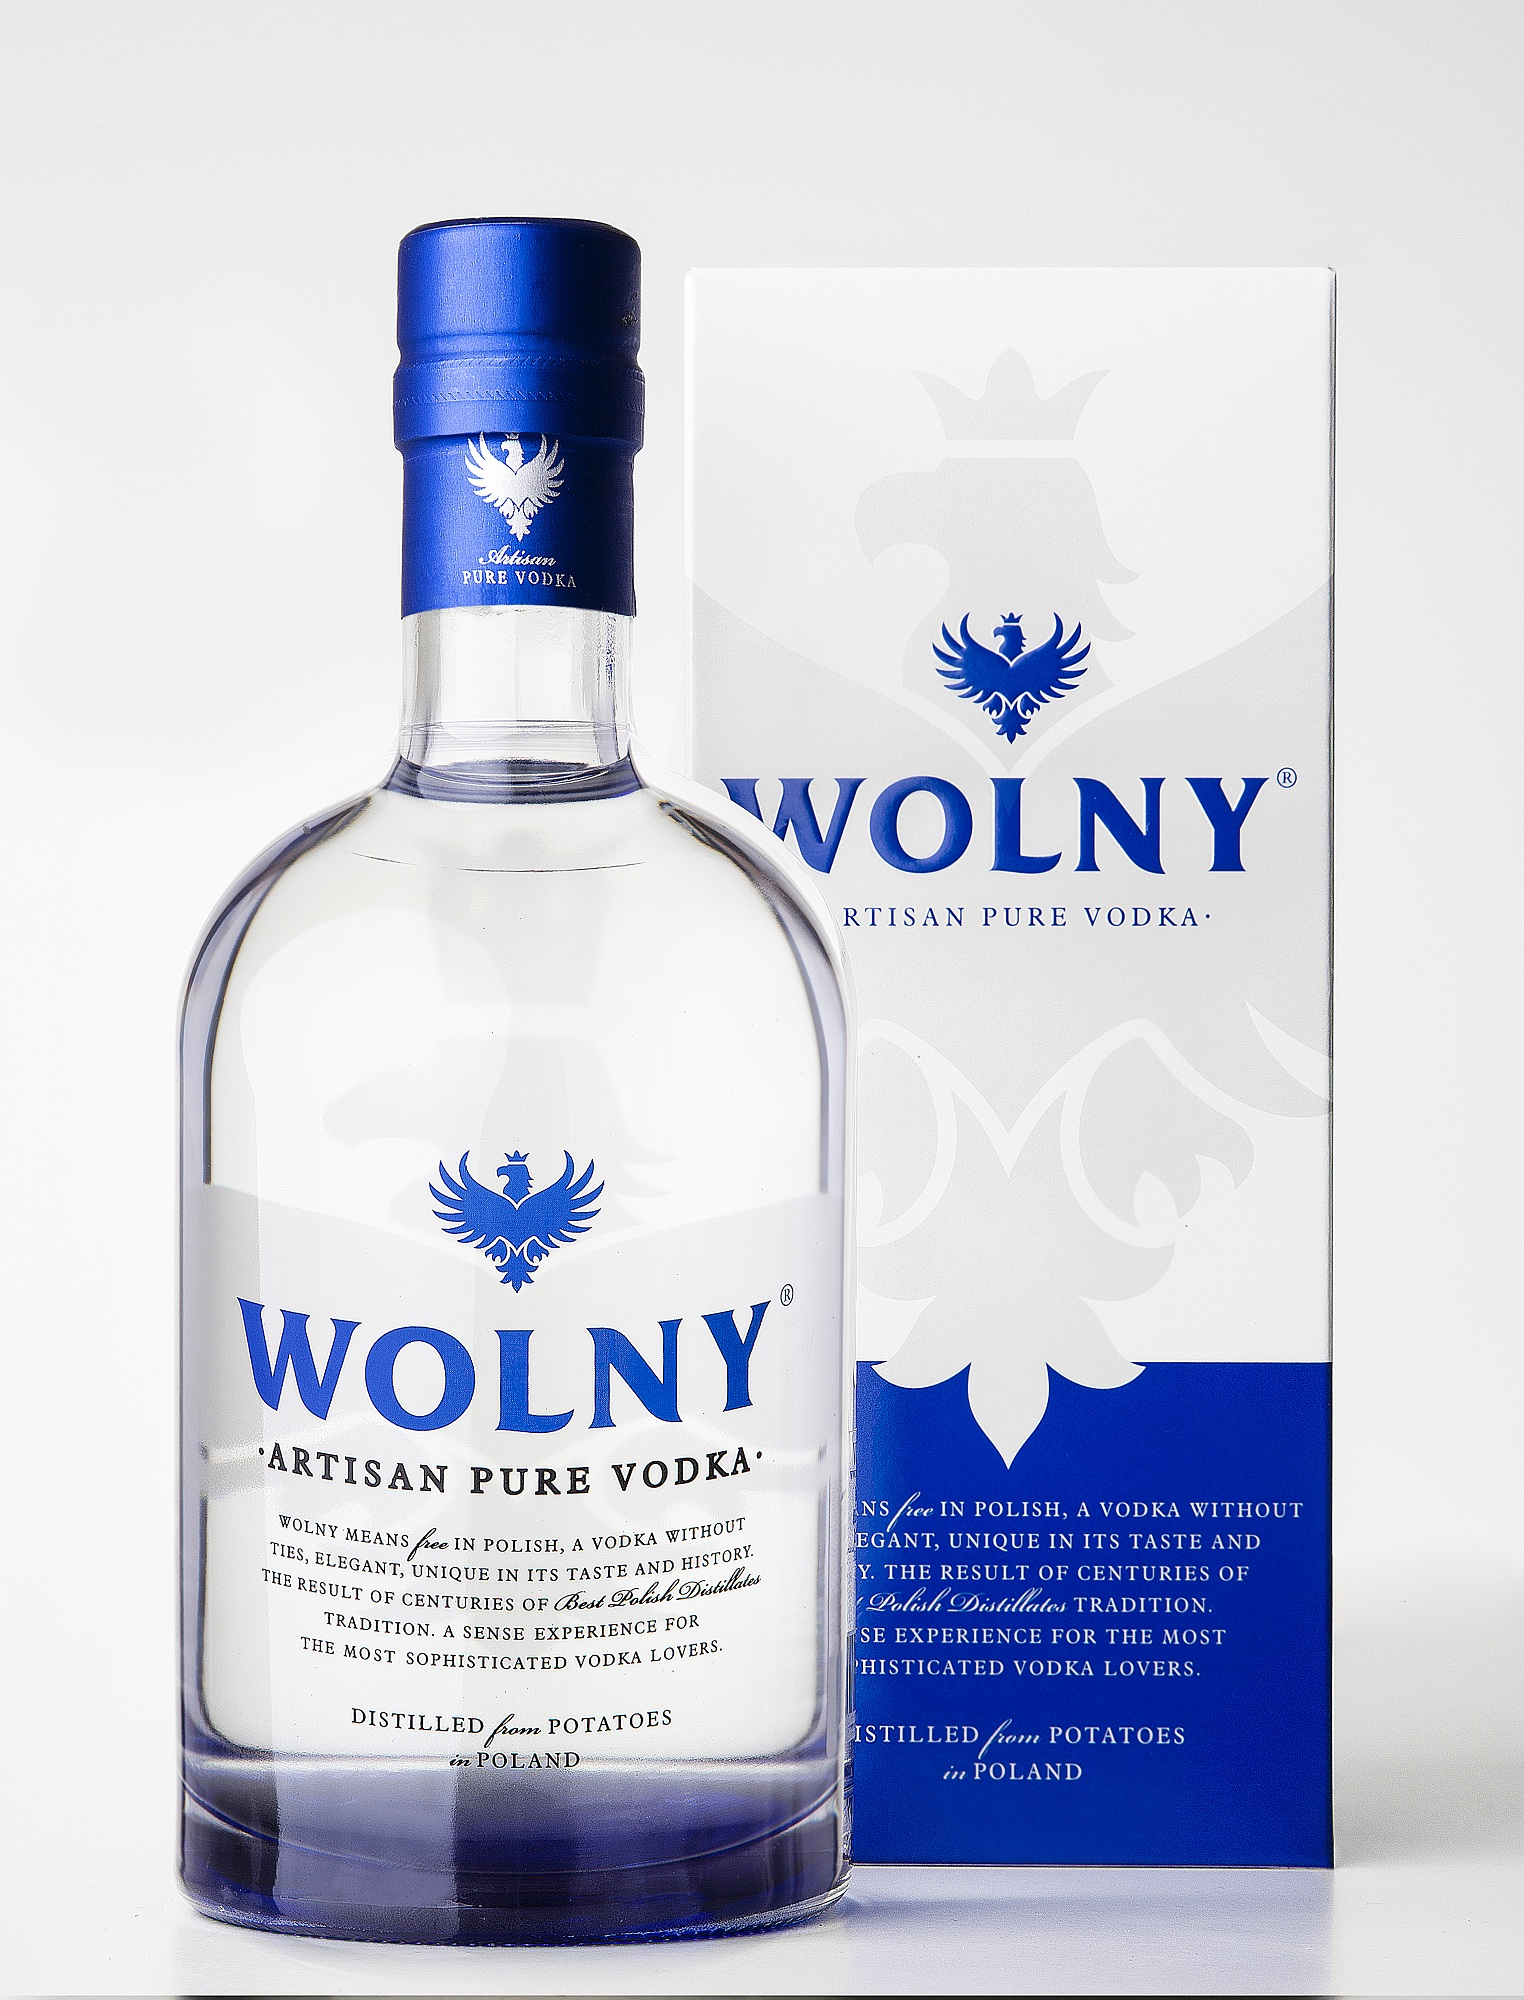 Wolny vodka